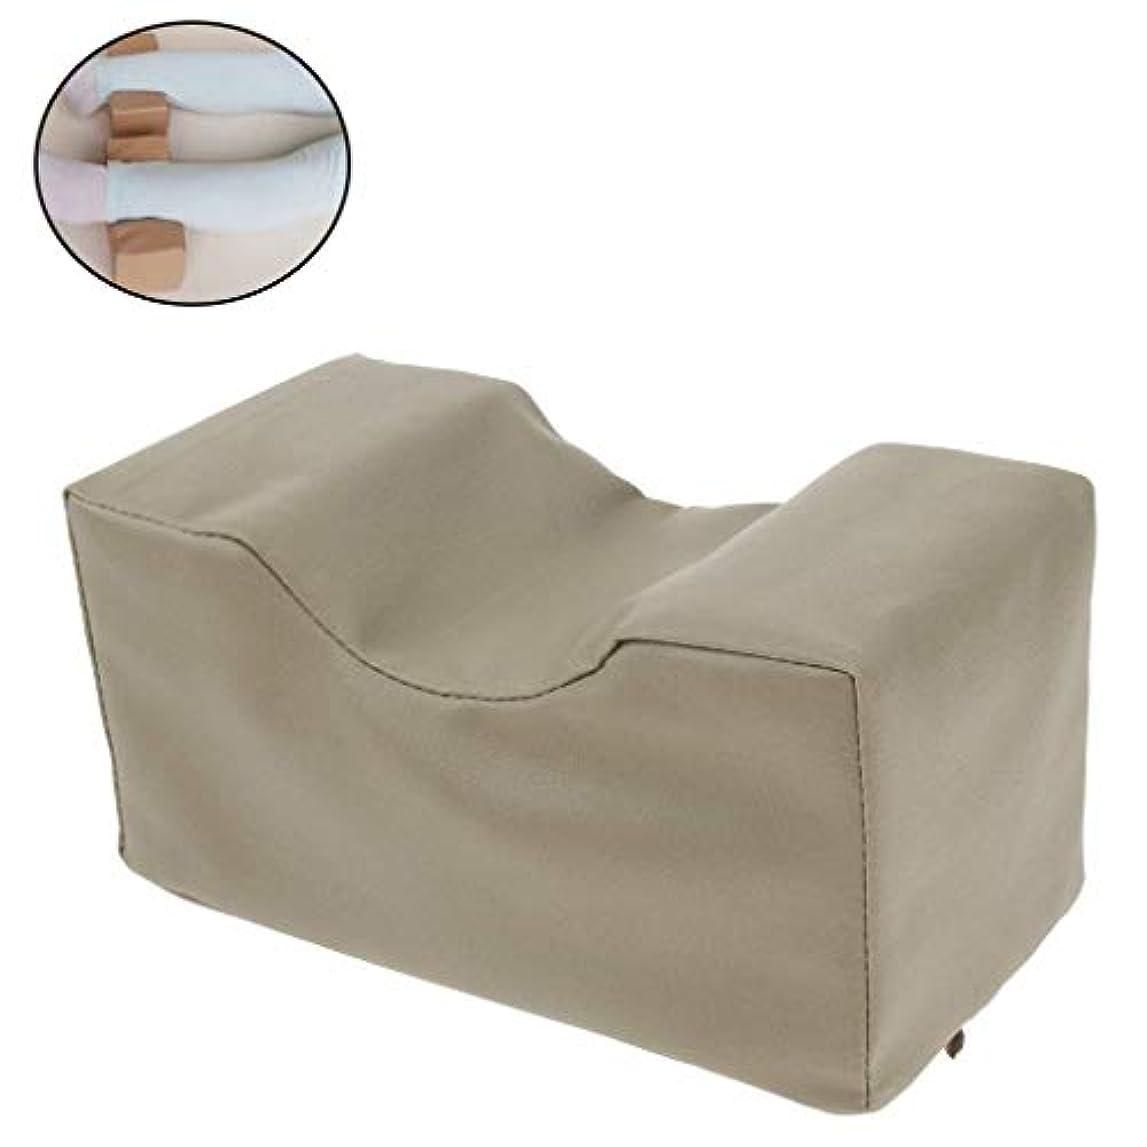 排他的決めます真鍮PUレザーカバー付きフォームニーエレベーターピロー-床ずれ防止、妊娠、ヒップ、脚の疲労軽減用の整形外科用ニーピロー(2個)